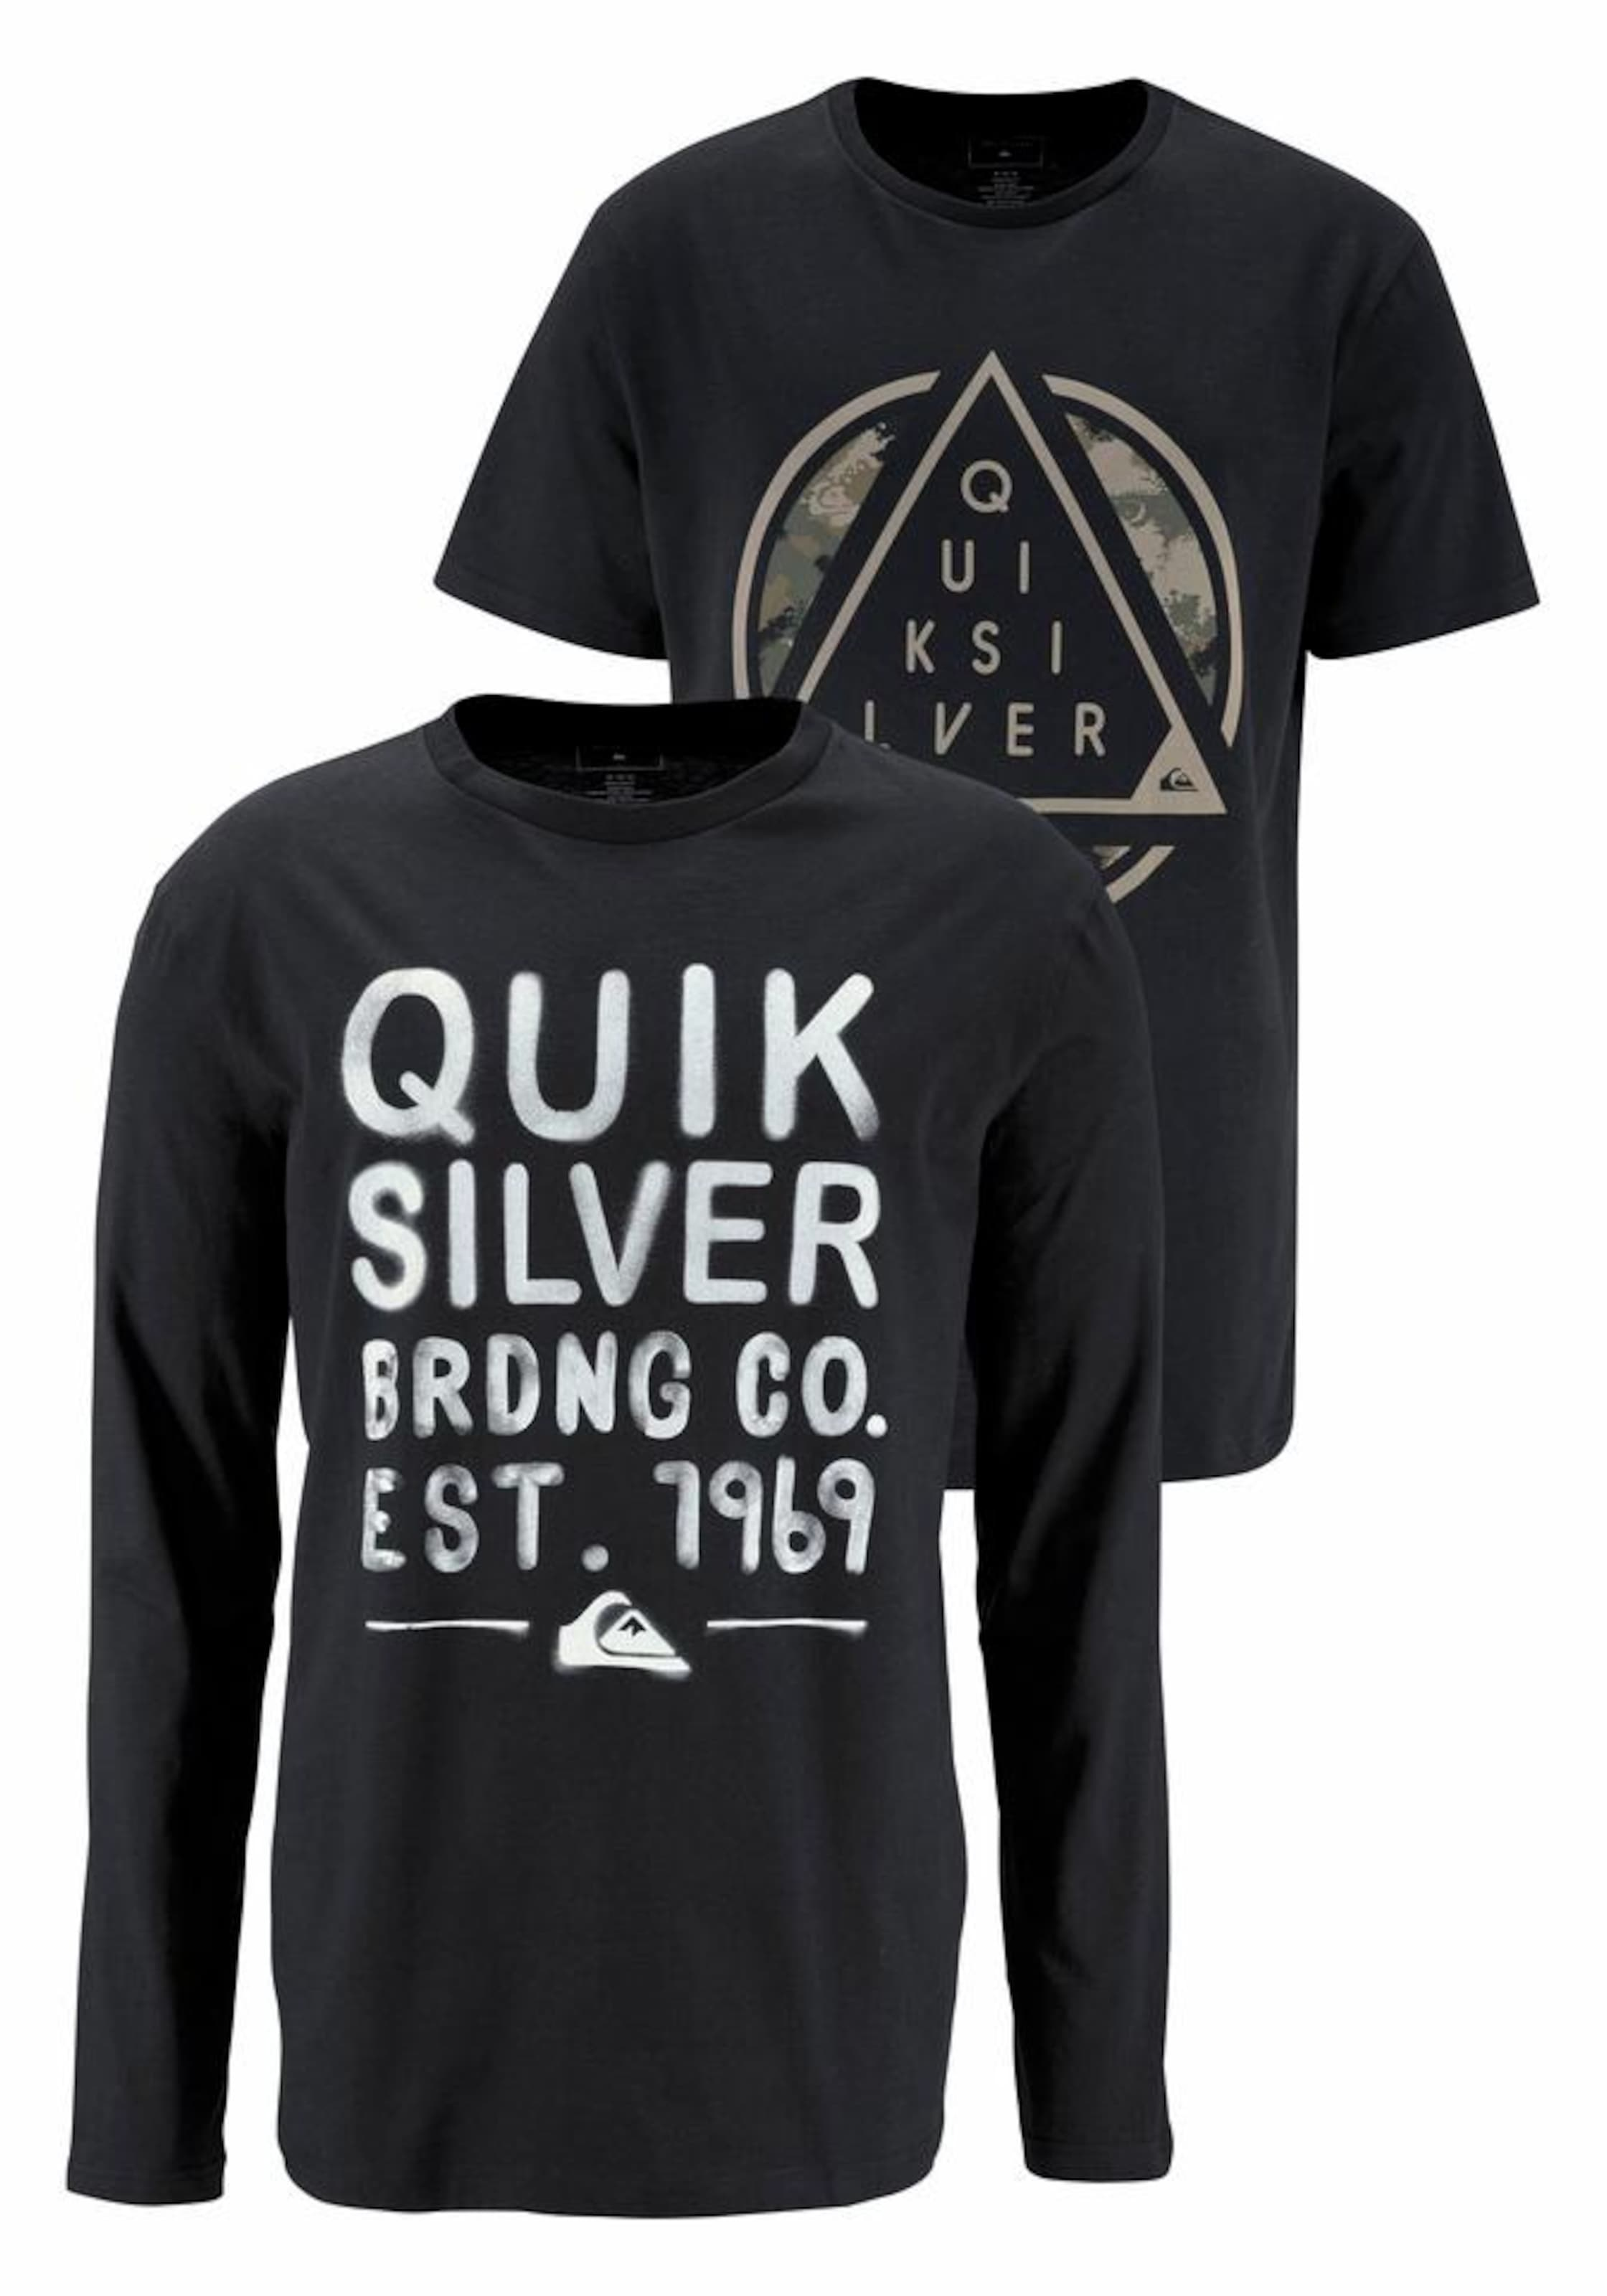 QUIKSILVER T-Shirt Authentisch Zu Verkaufen Online Blättern Mit Mastercard Günstig Online TrxGVnBv